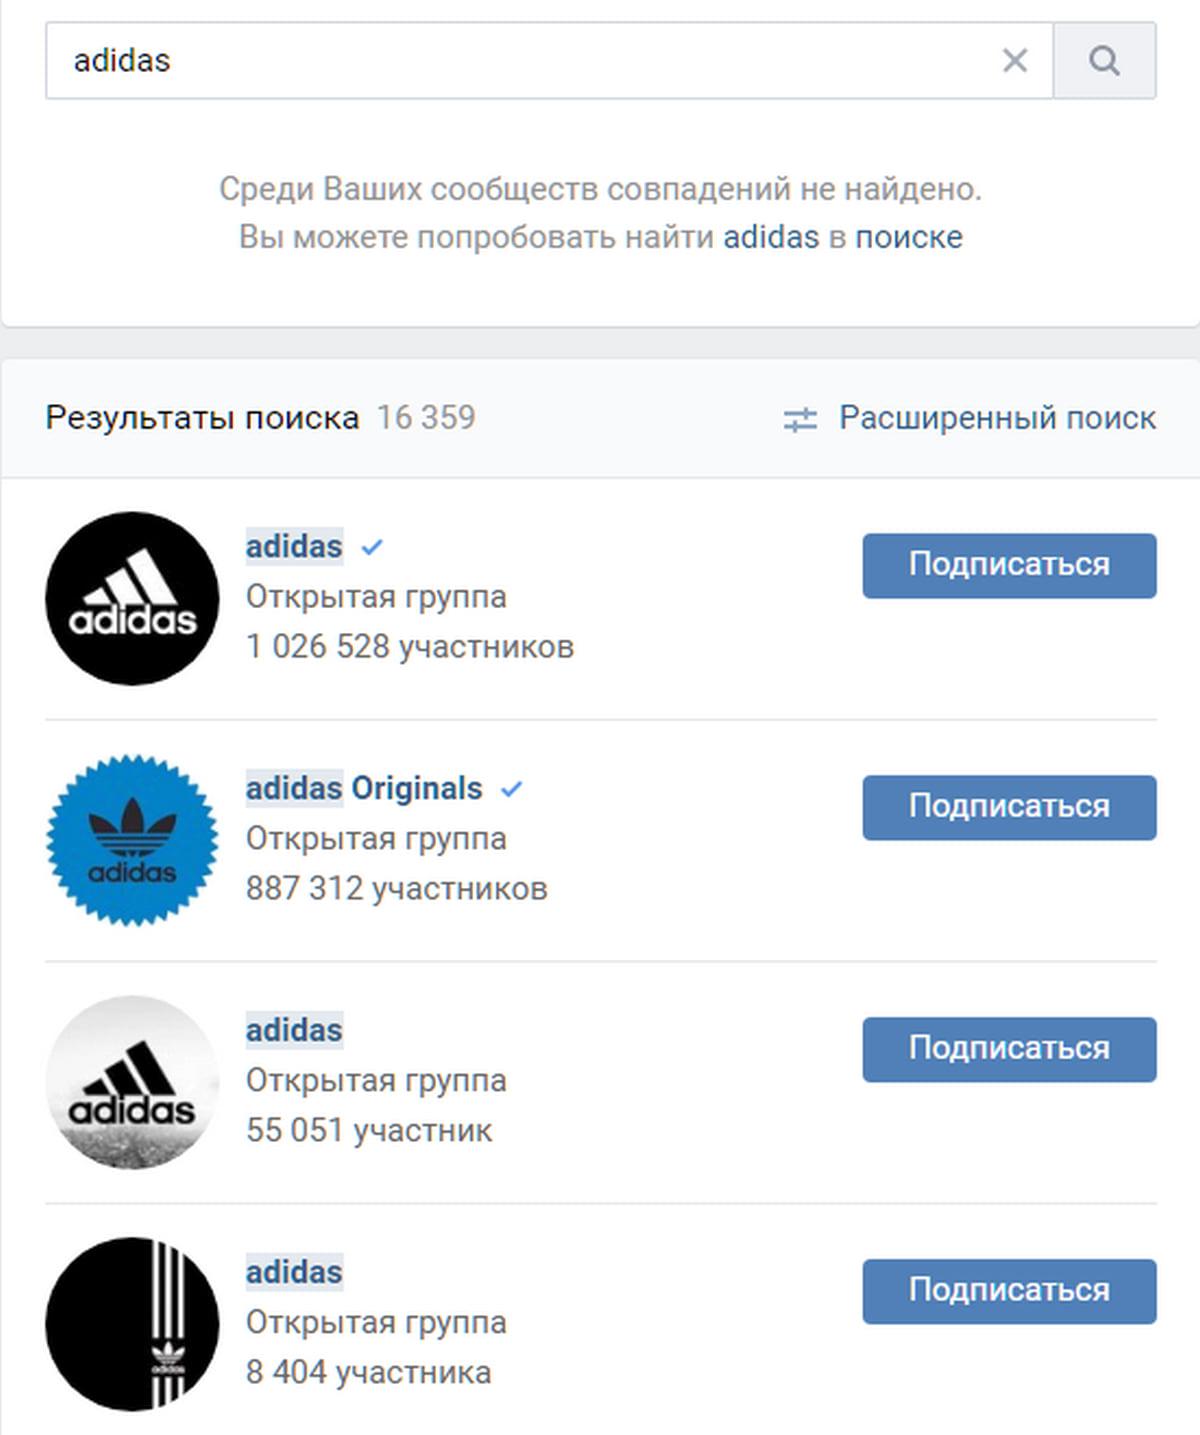 Правила ВКонтакте запрещают так делать